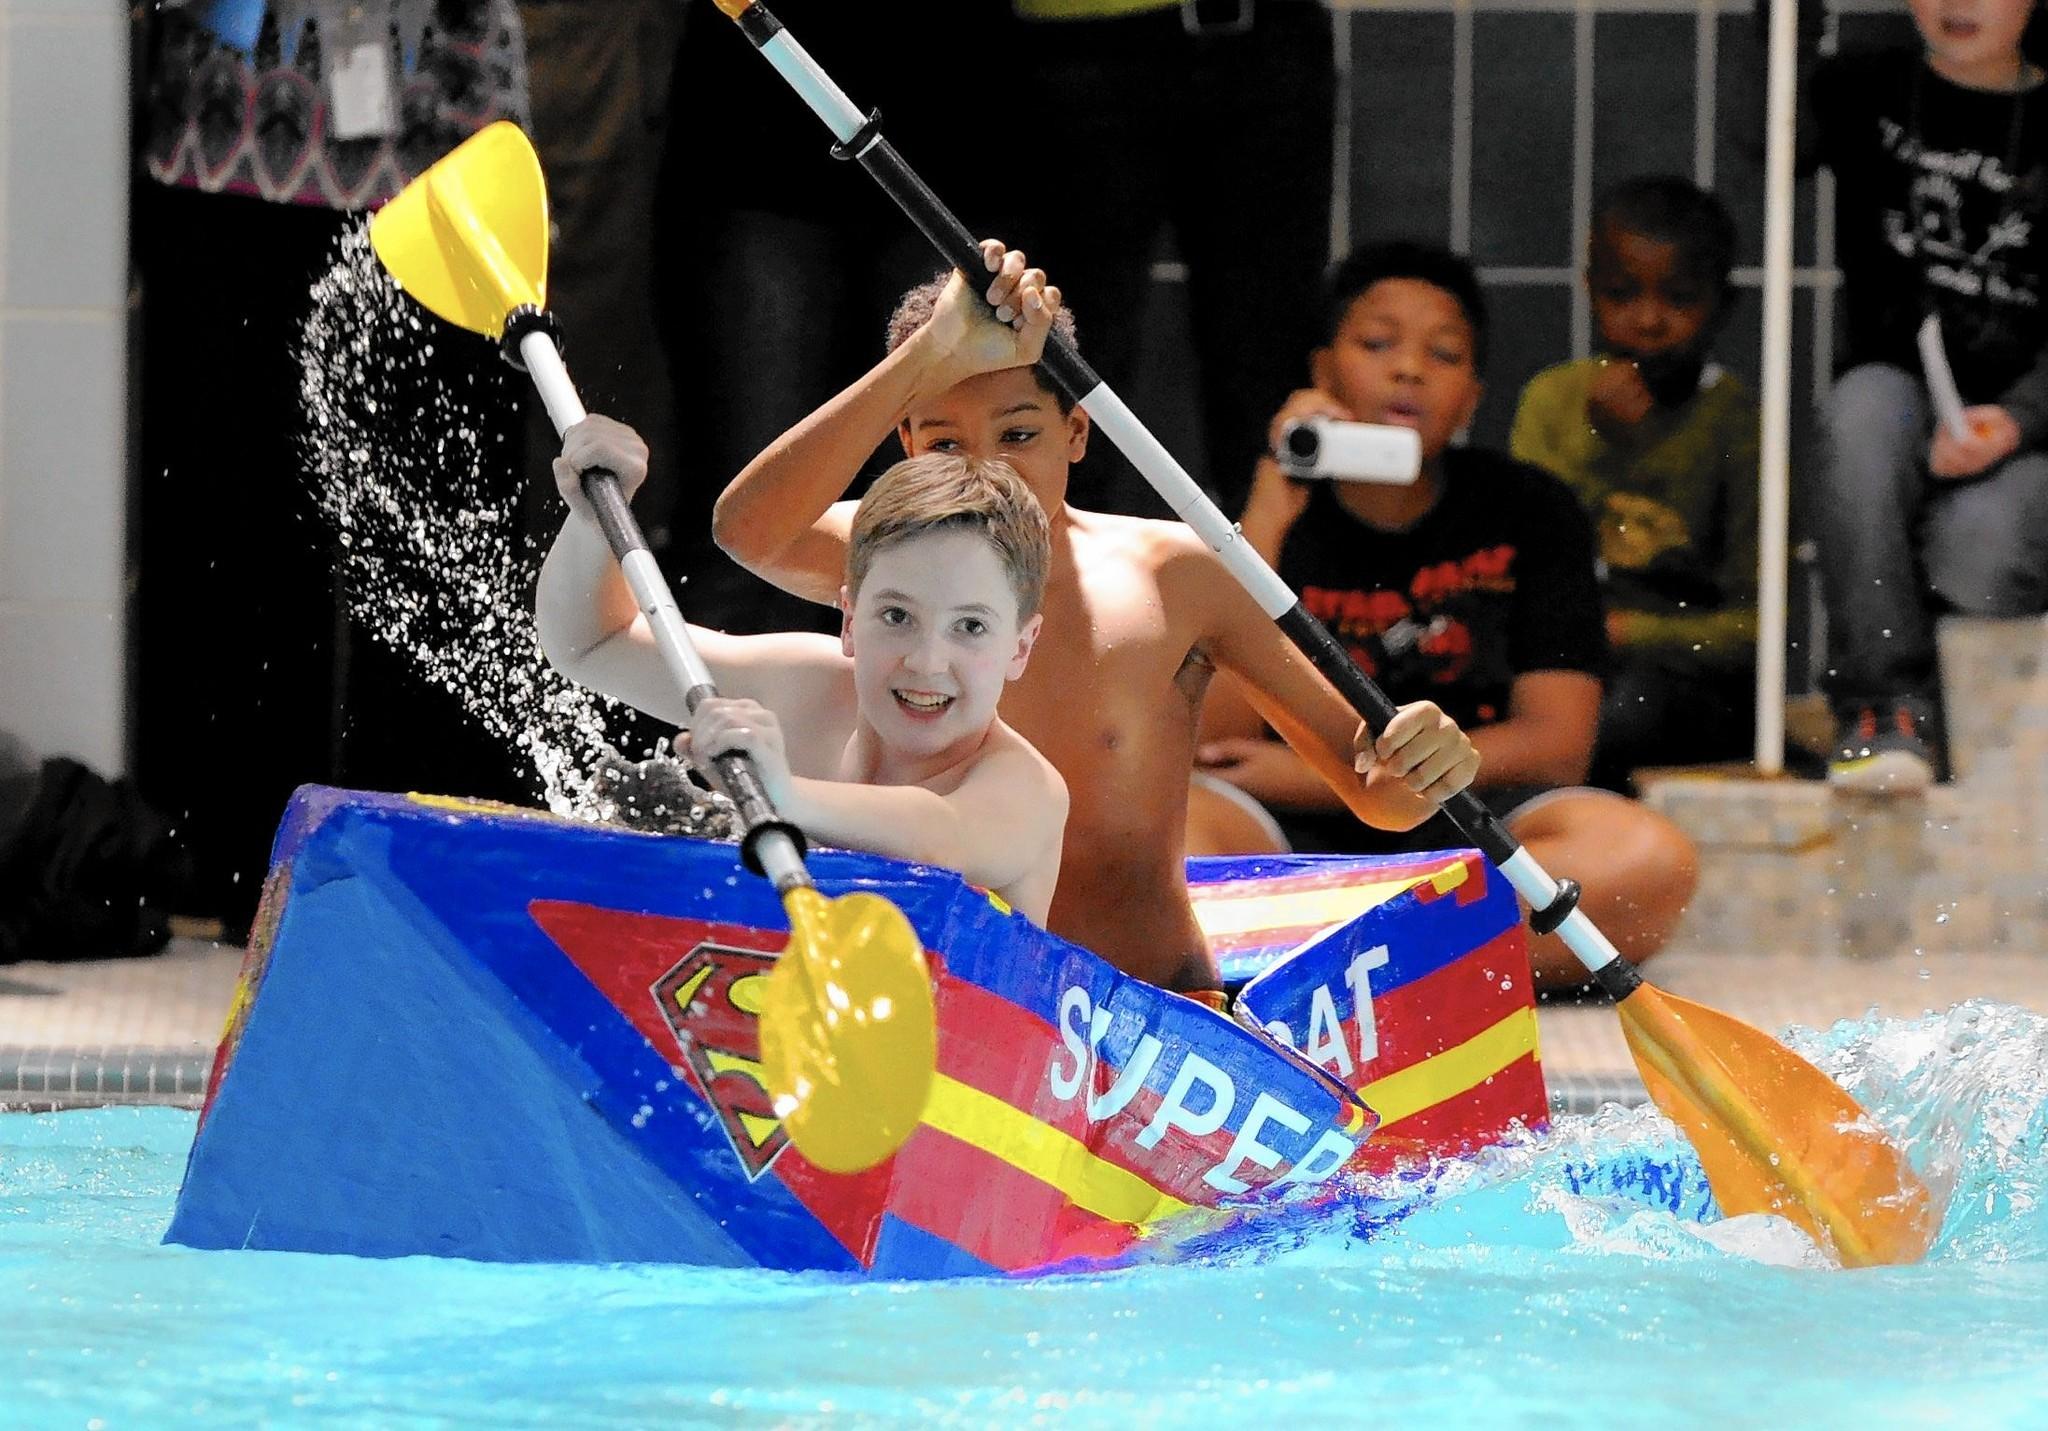 Baker boat race generates water-worthy science fun